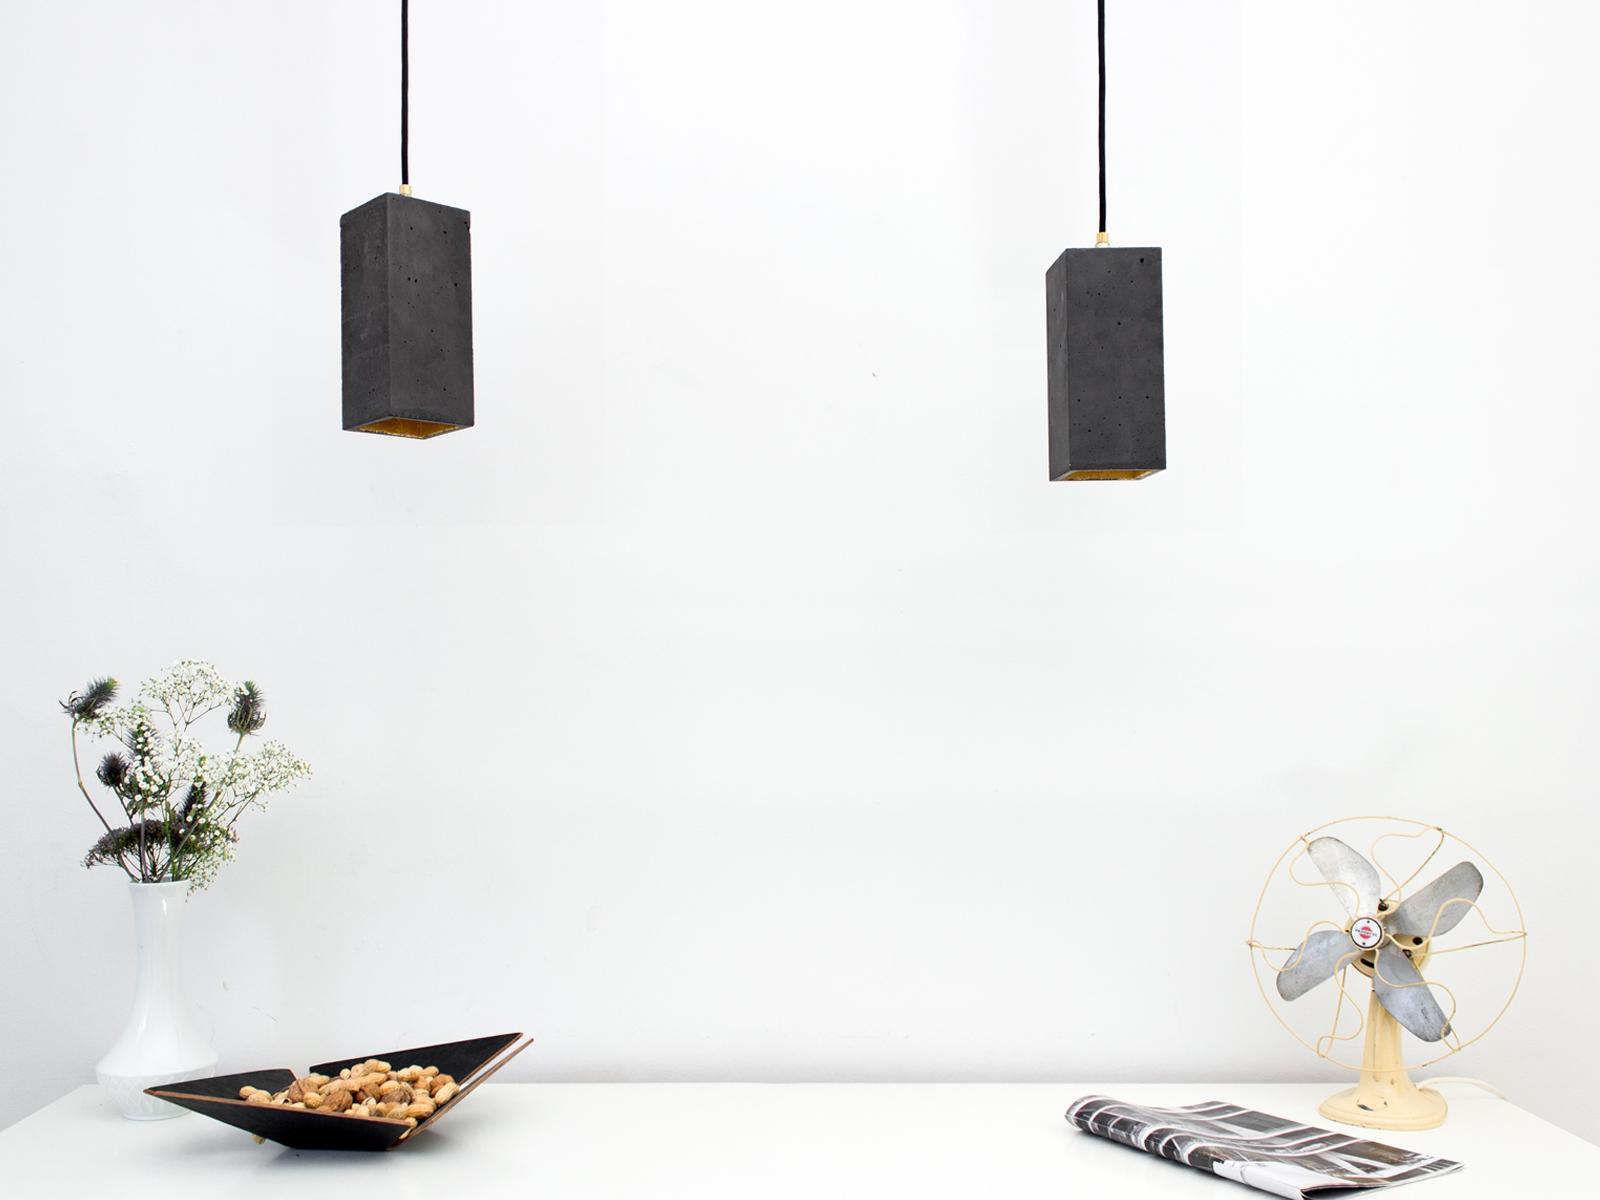 Lampen aus Beton, Betonlampe